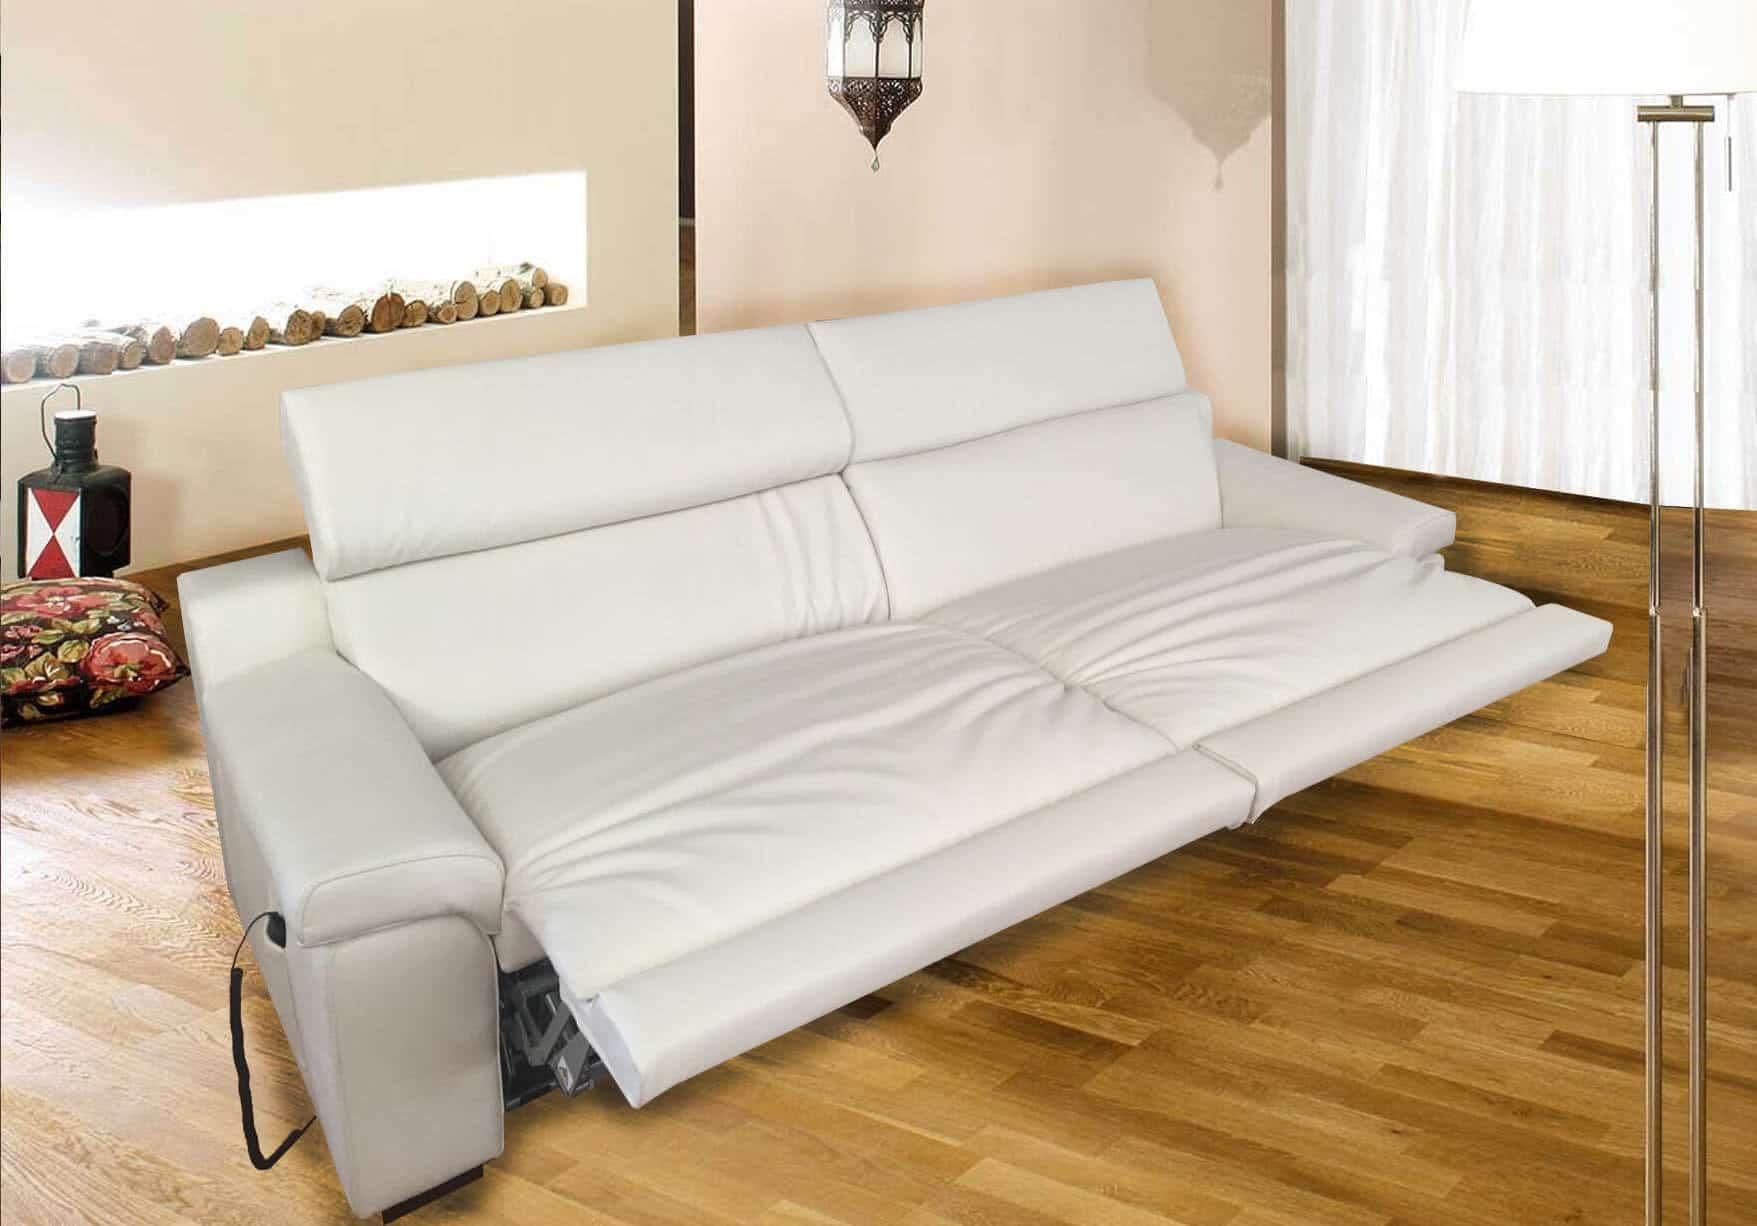 Divano letto gemellare doppio relax motorizzato scontato promozione for Divani e divani divani letto